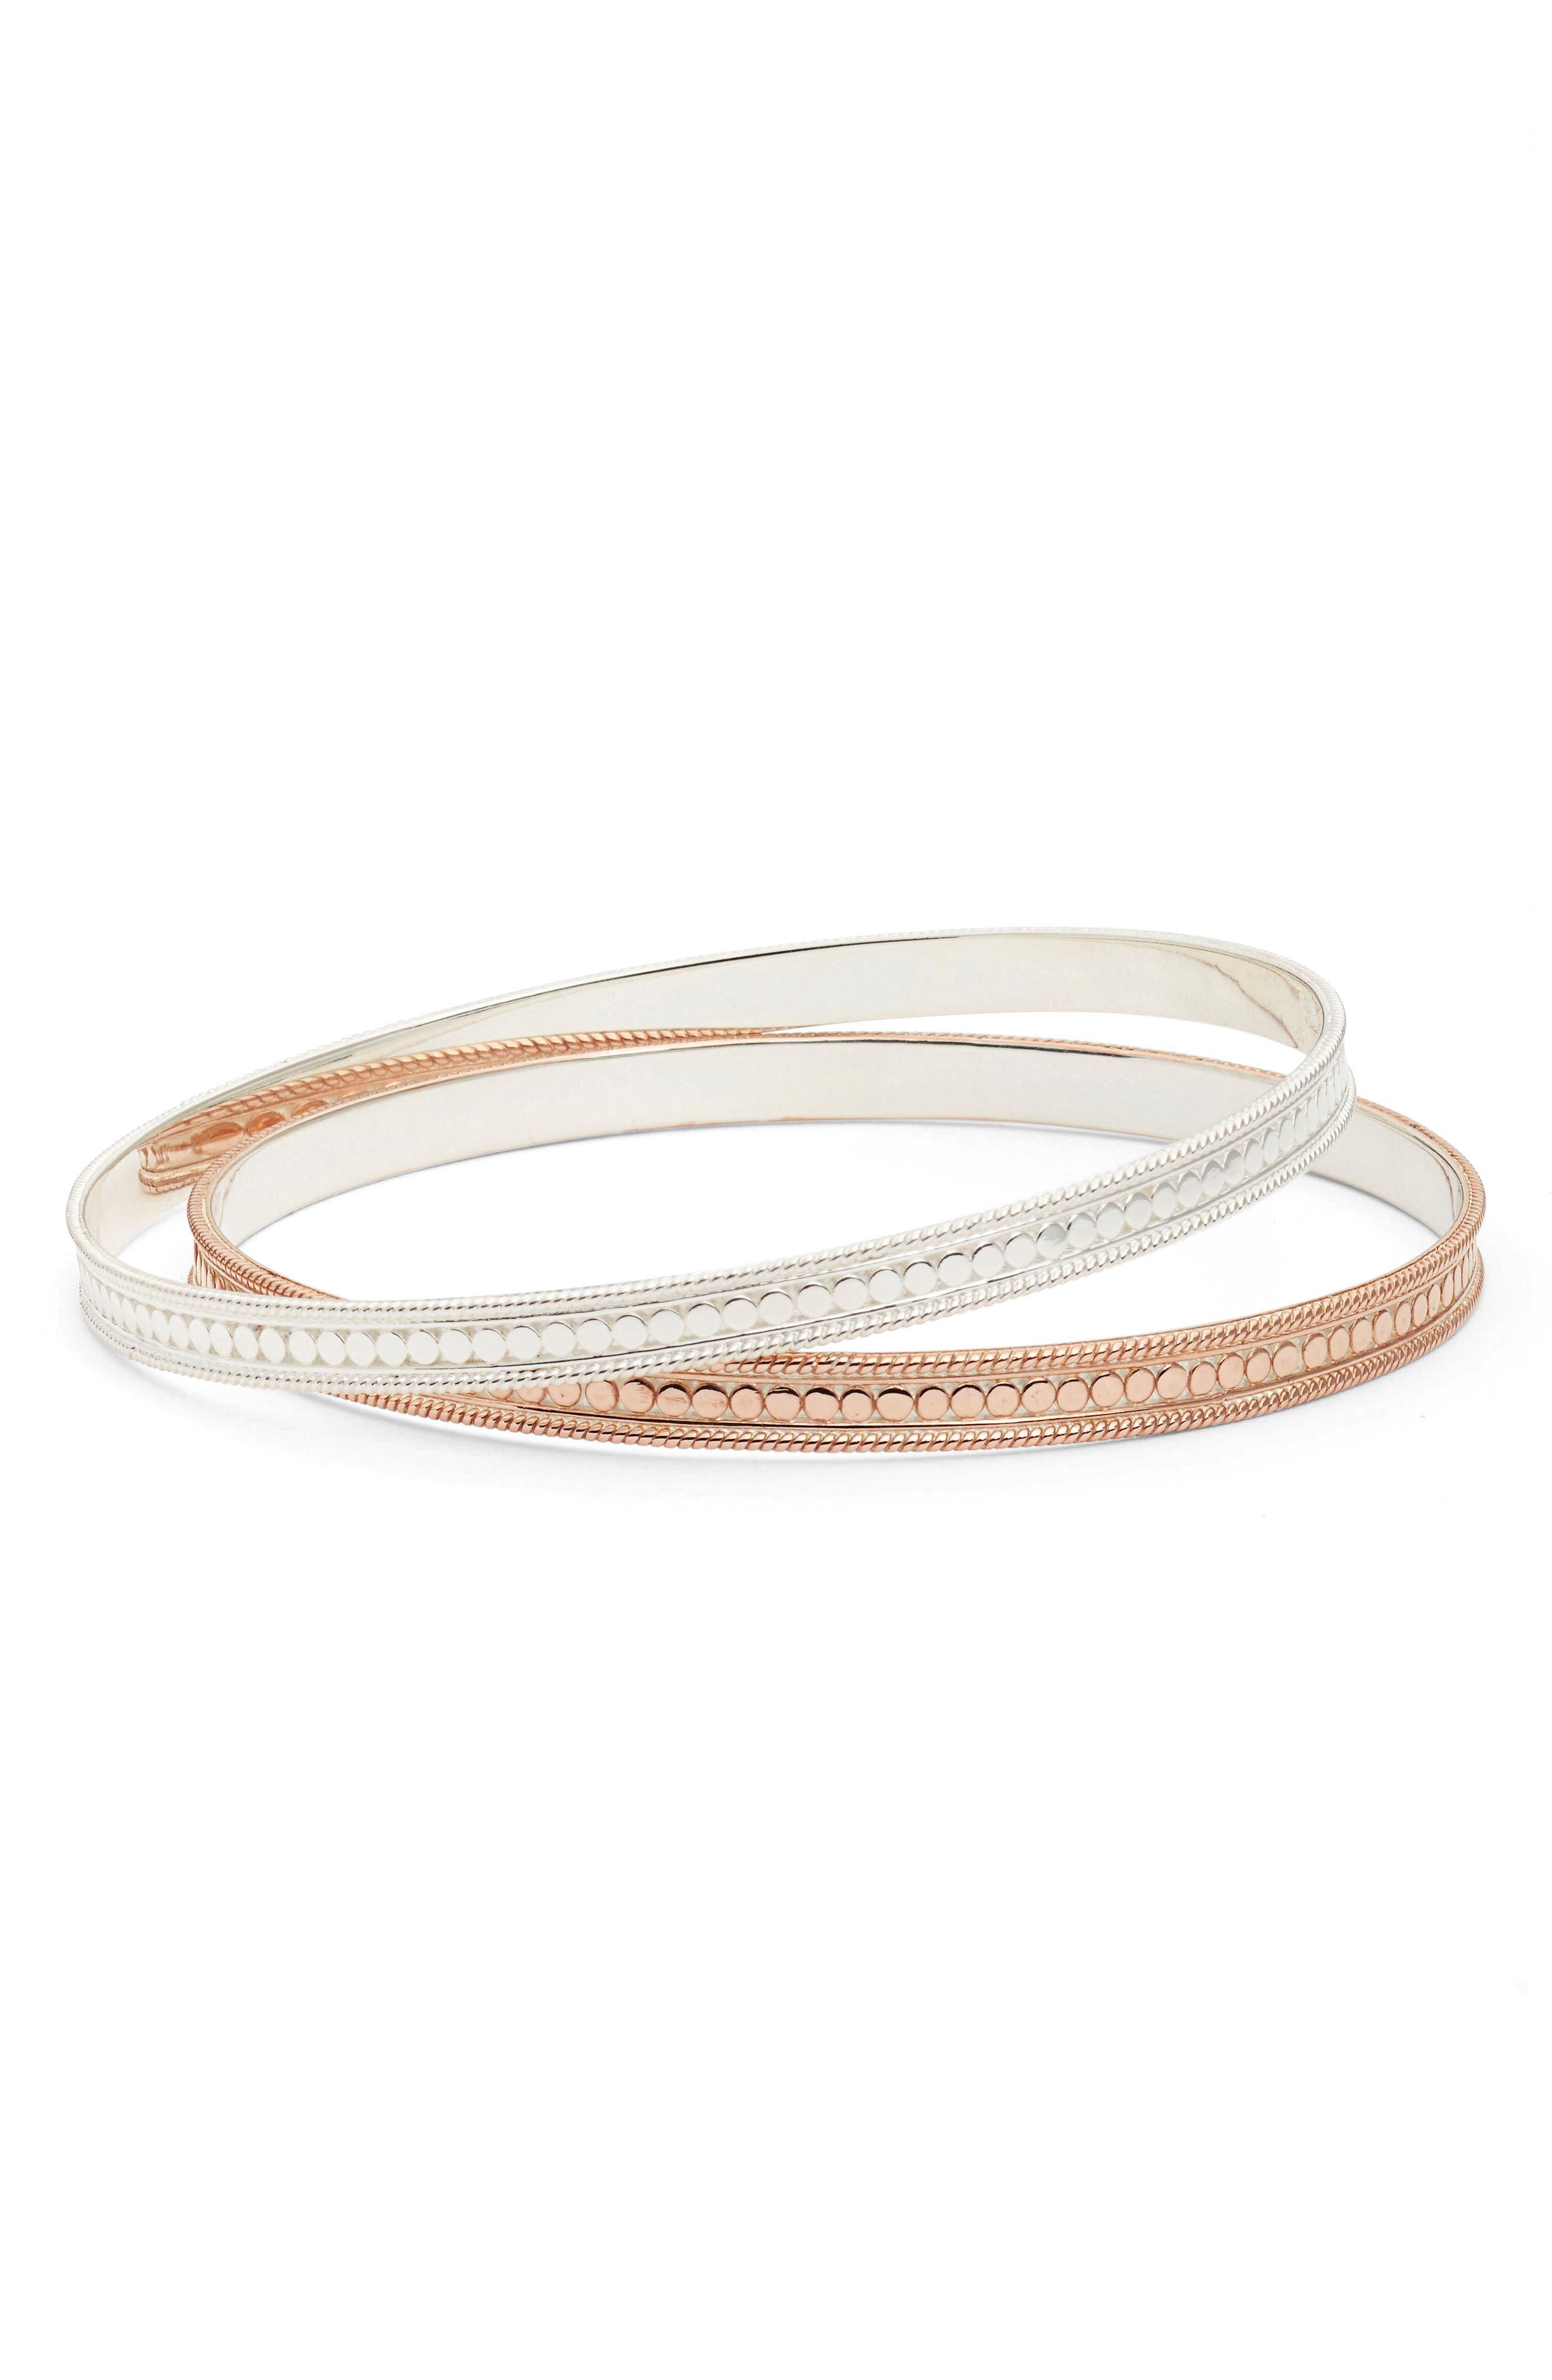 Alternate Image 1 Selected - Anna Beck Set of 2 Bangle Bracelets